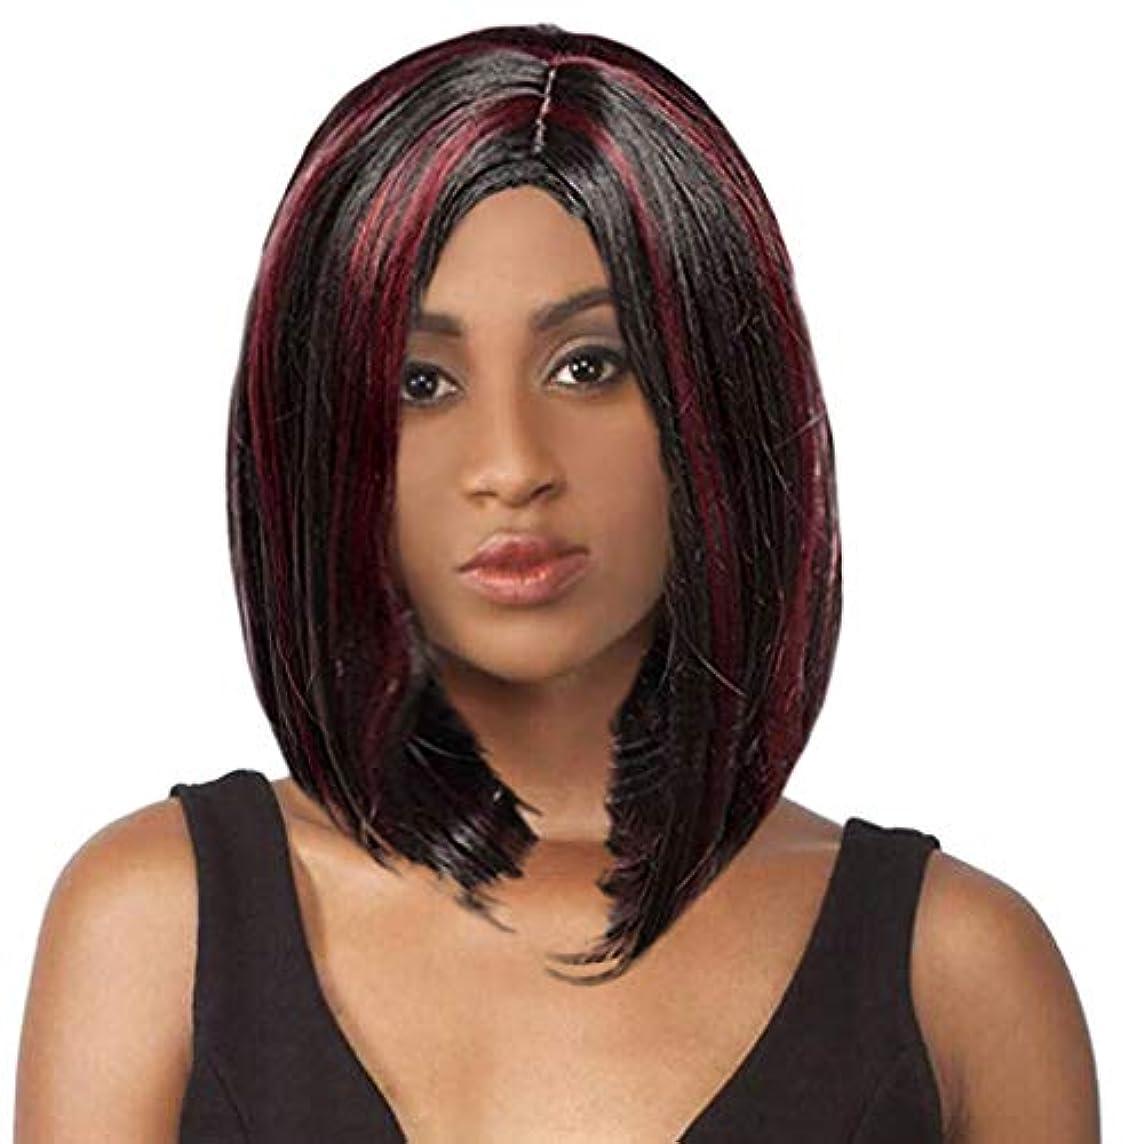 シリンダー起点羽女性の短いストレートヘアボブファッションかつら